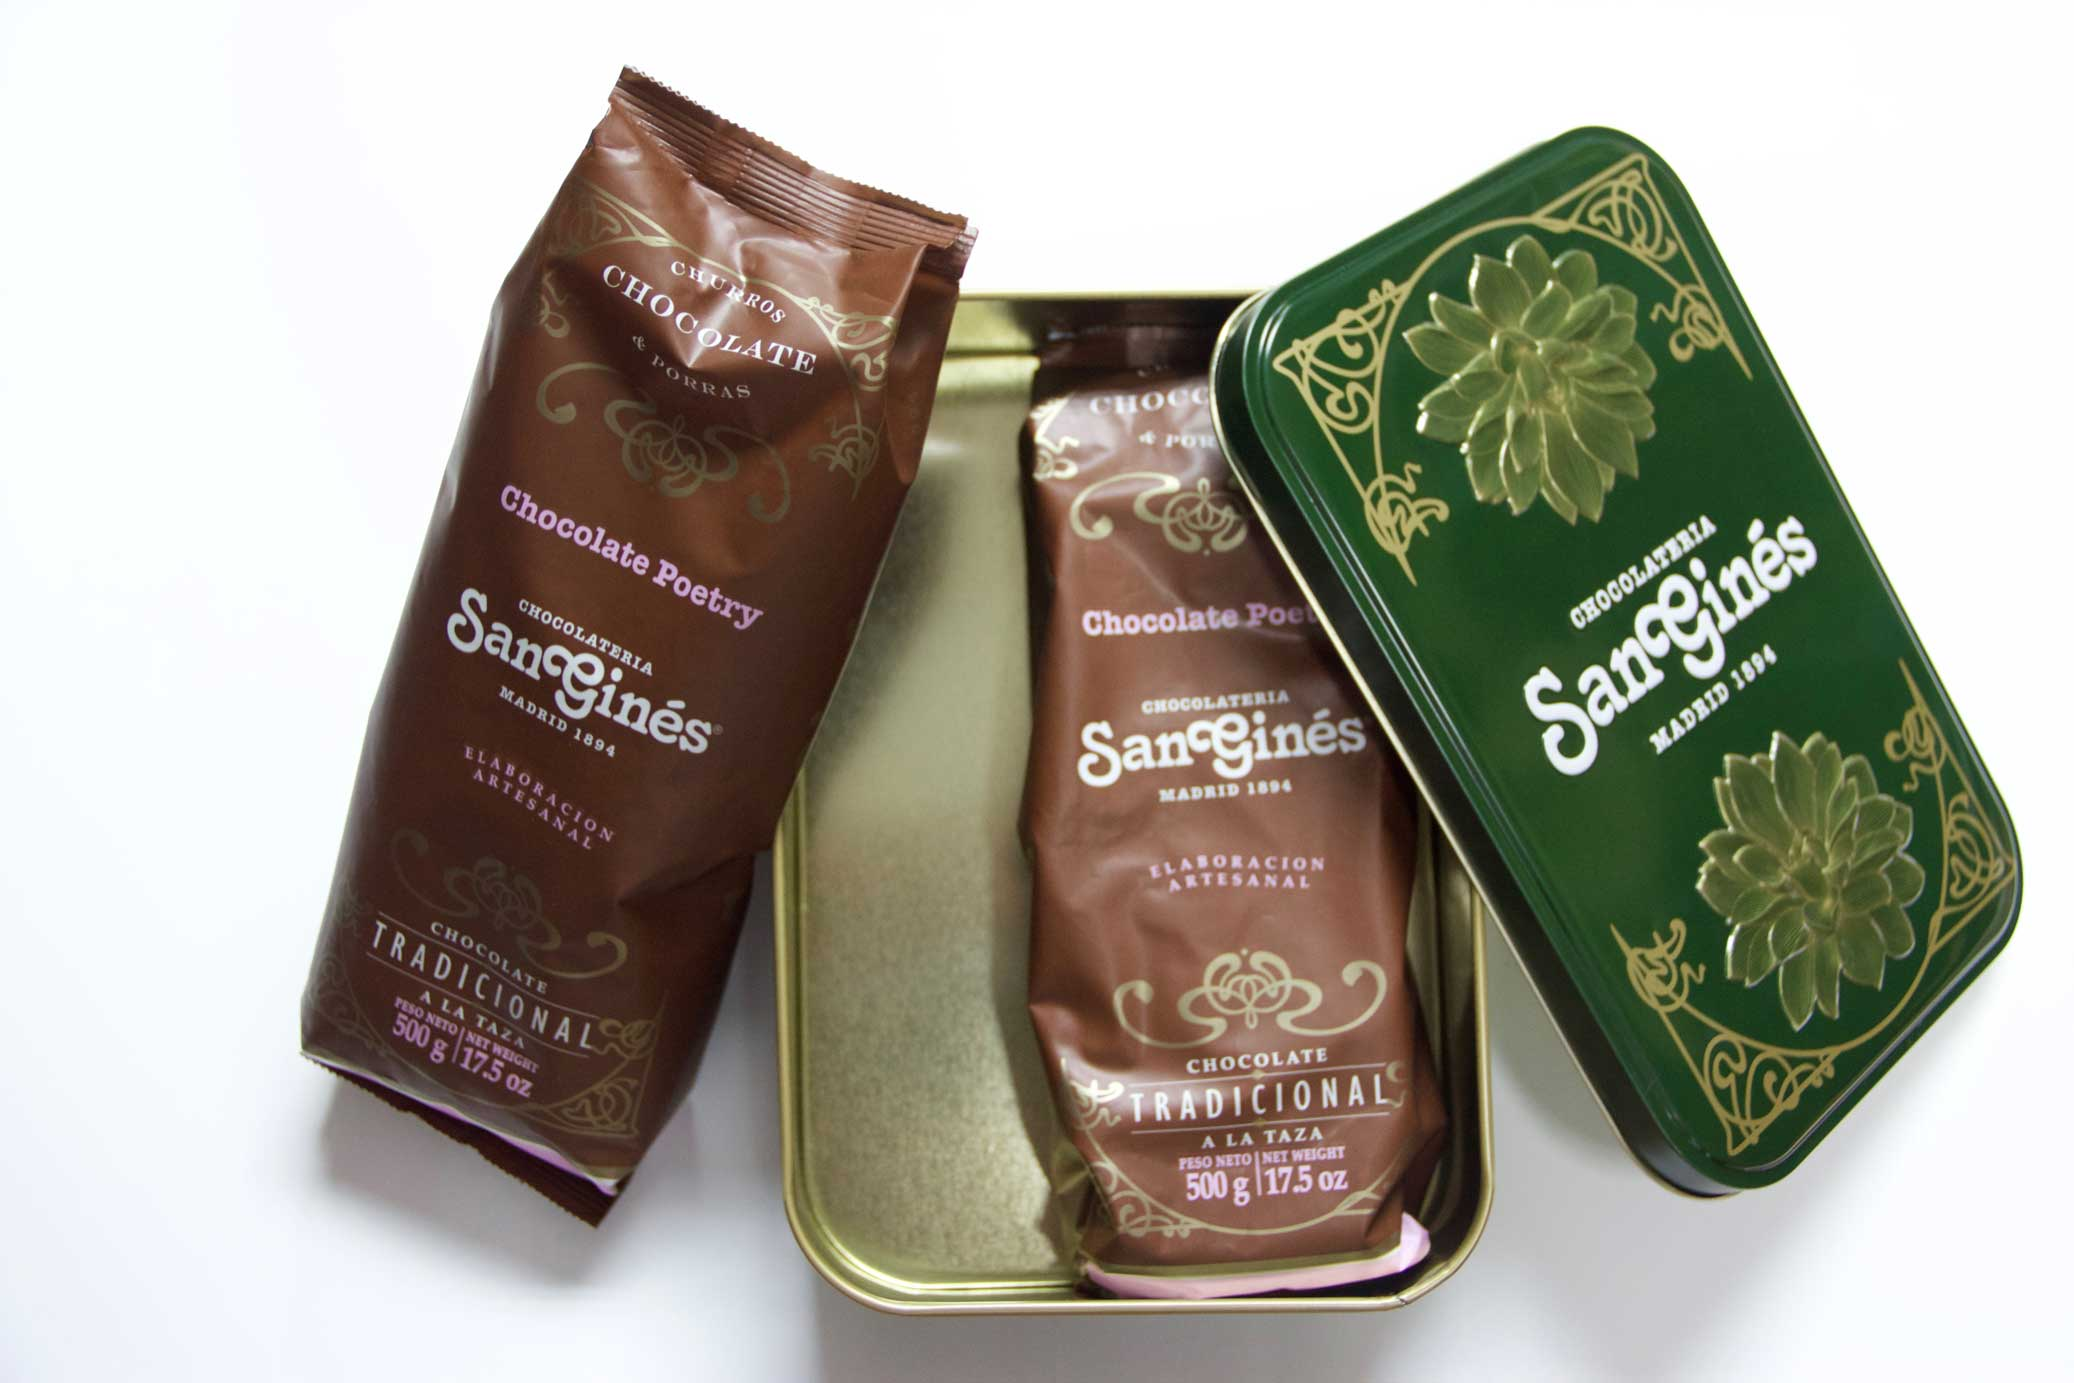 Lote-2-Paquetes-Chocolate-500-y-Caja-Metálica-San-Ginés